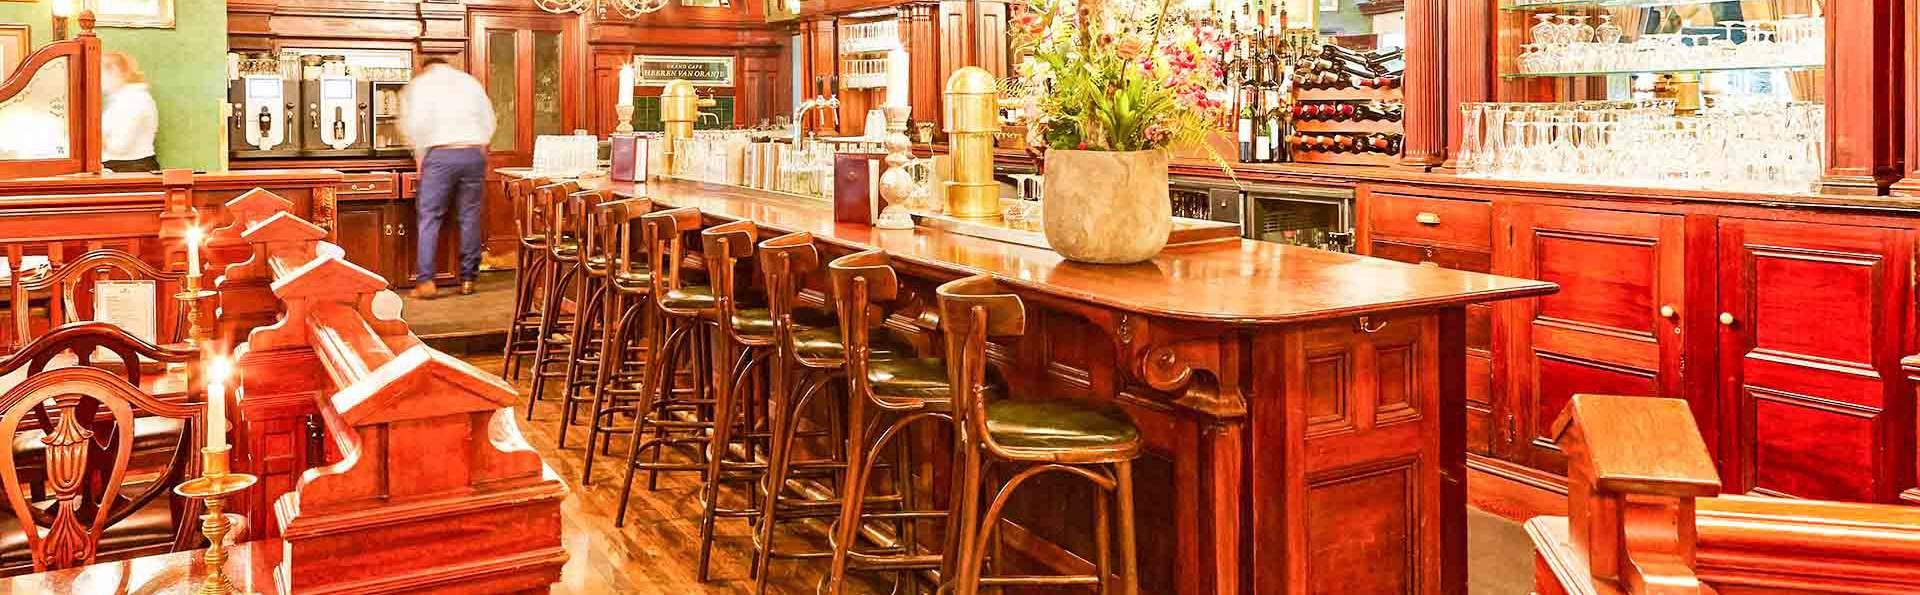 Hotel Mastbosch Breda - EDIT_RESTAURANT_01.jpg